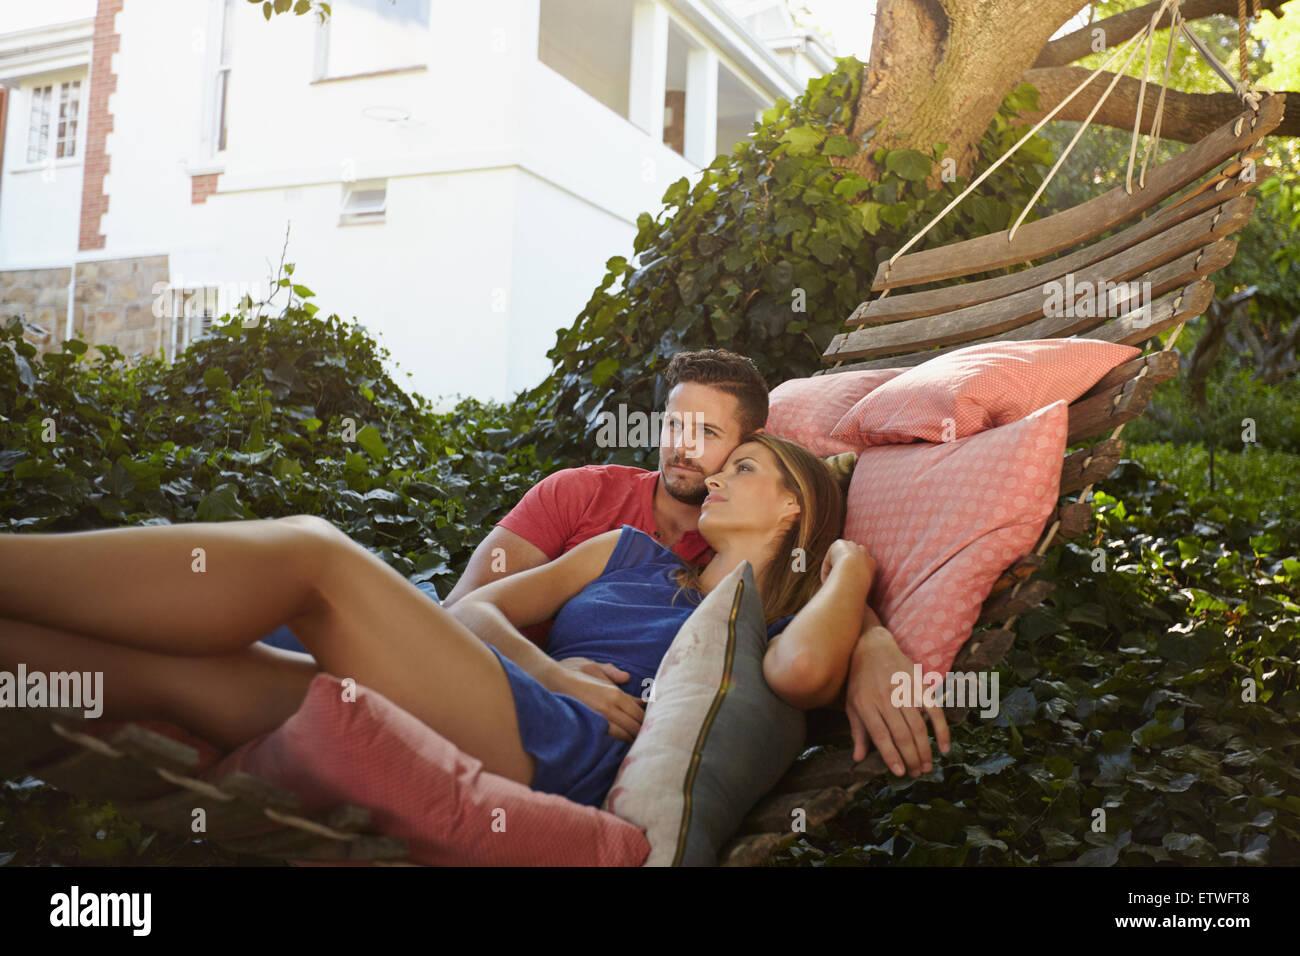 Coppia giovane rilassante su un giardino amaca. Essi sono alla ricerca di distanza nel pensiero. Rilassata l uomo Immagini Stock